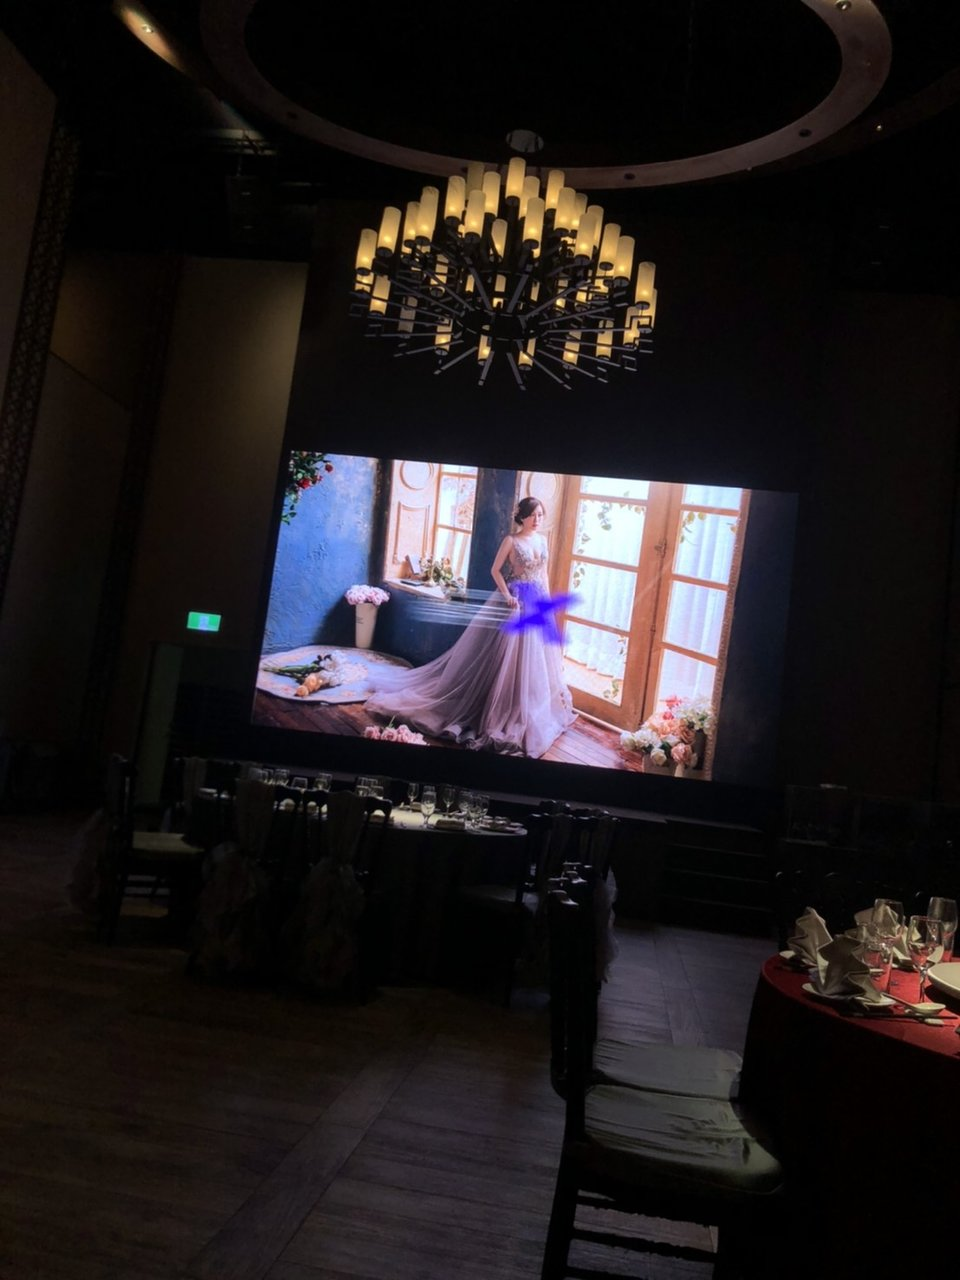 彭園婚宴會館-八德館,分享CP值超高彭園婚宴會館八德館